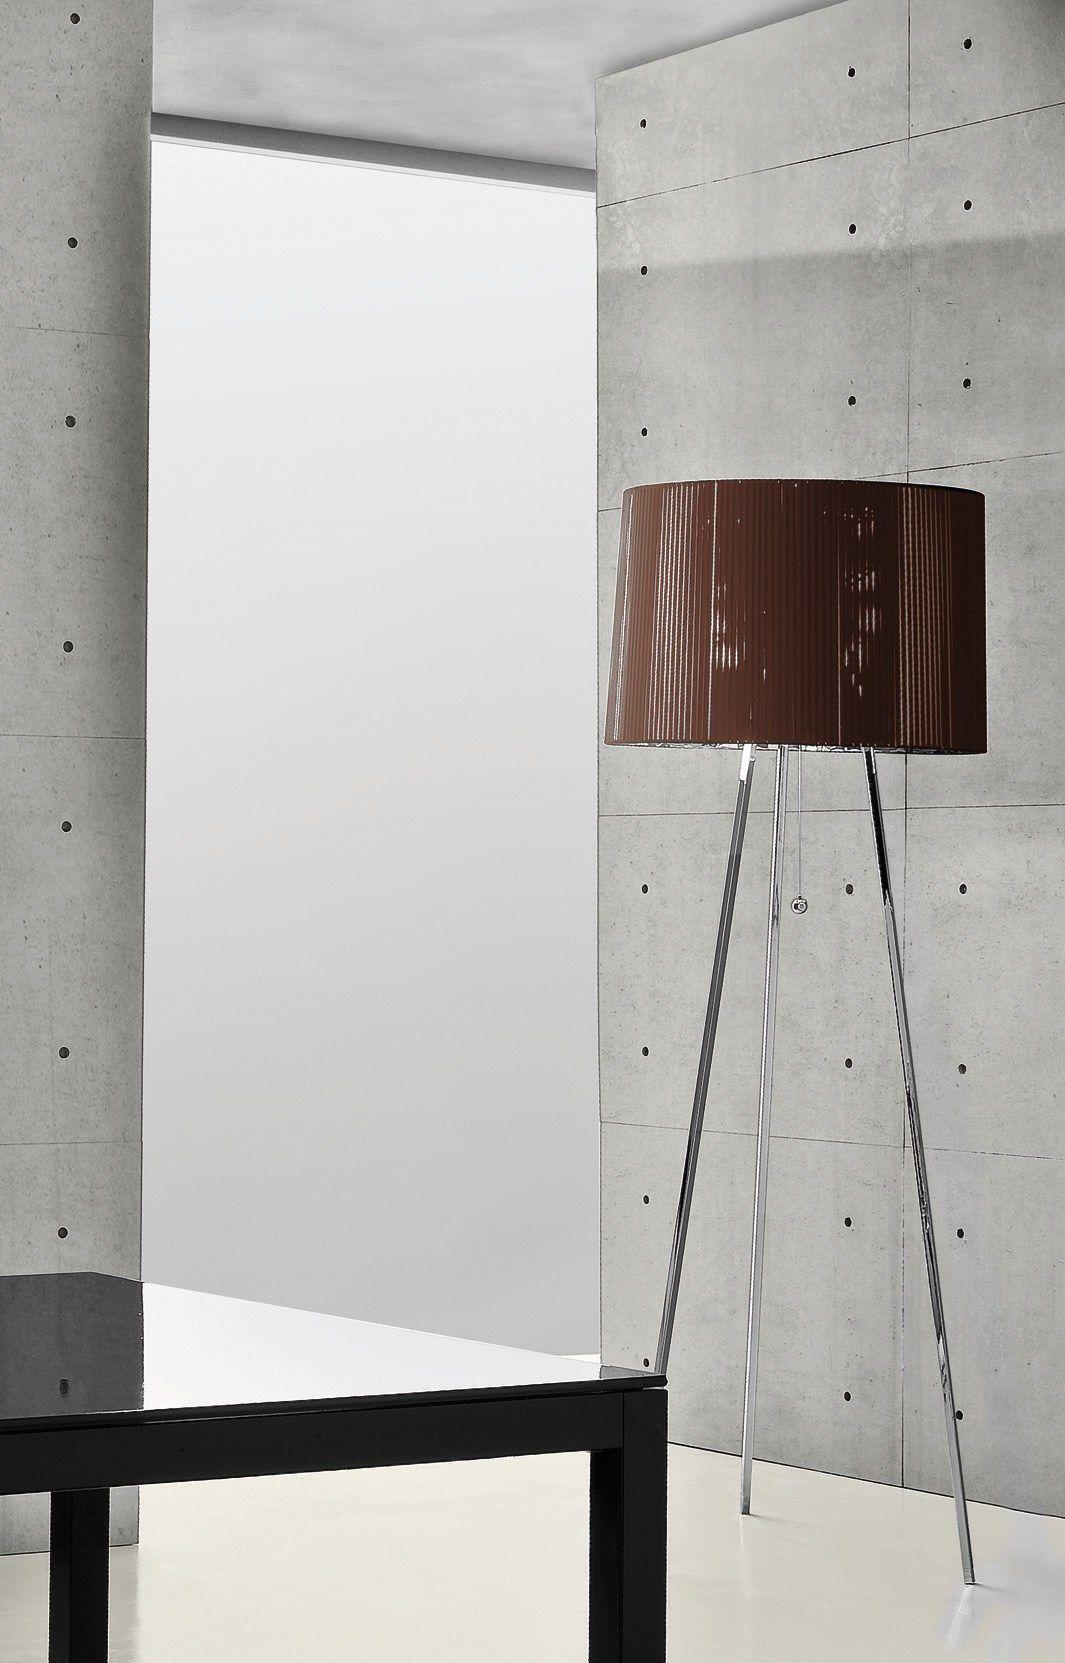 Оби светильники, бесплатные фото, обои ...: pictures11.ru/obi-svetilniki.html